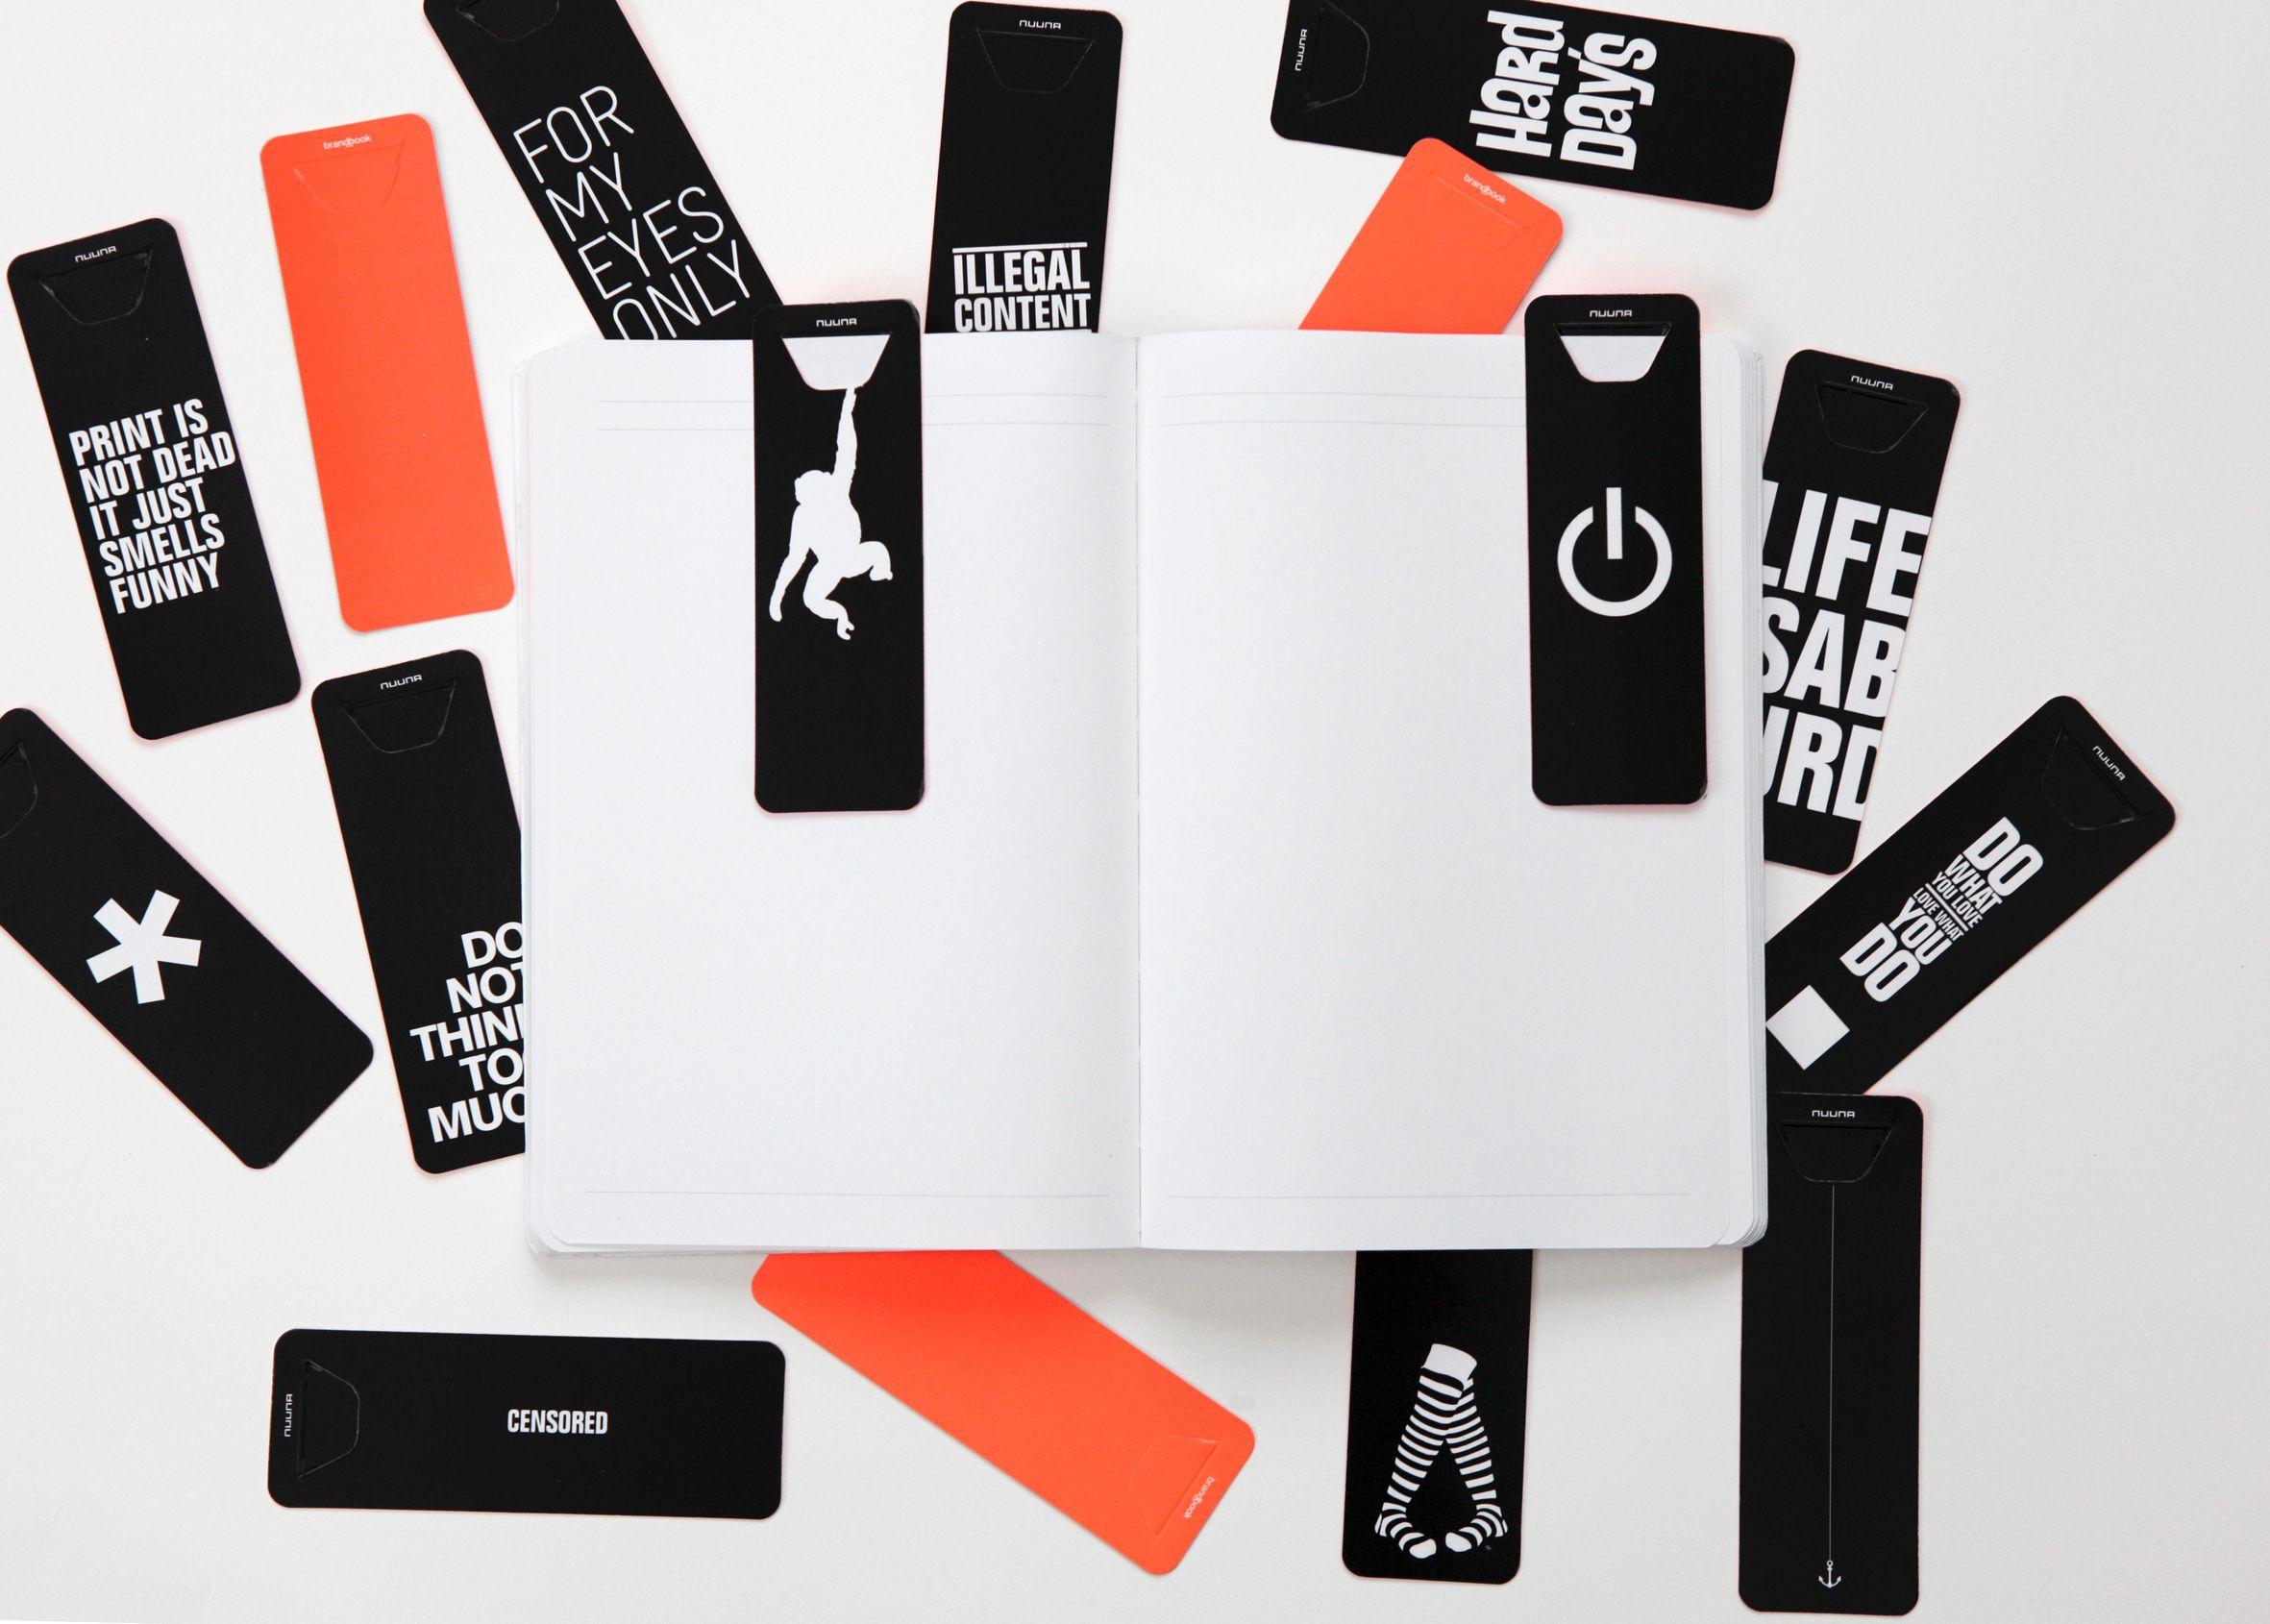 Blog | Grafikdesign, Praktisch und Motive